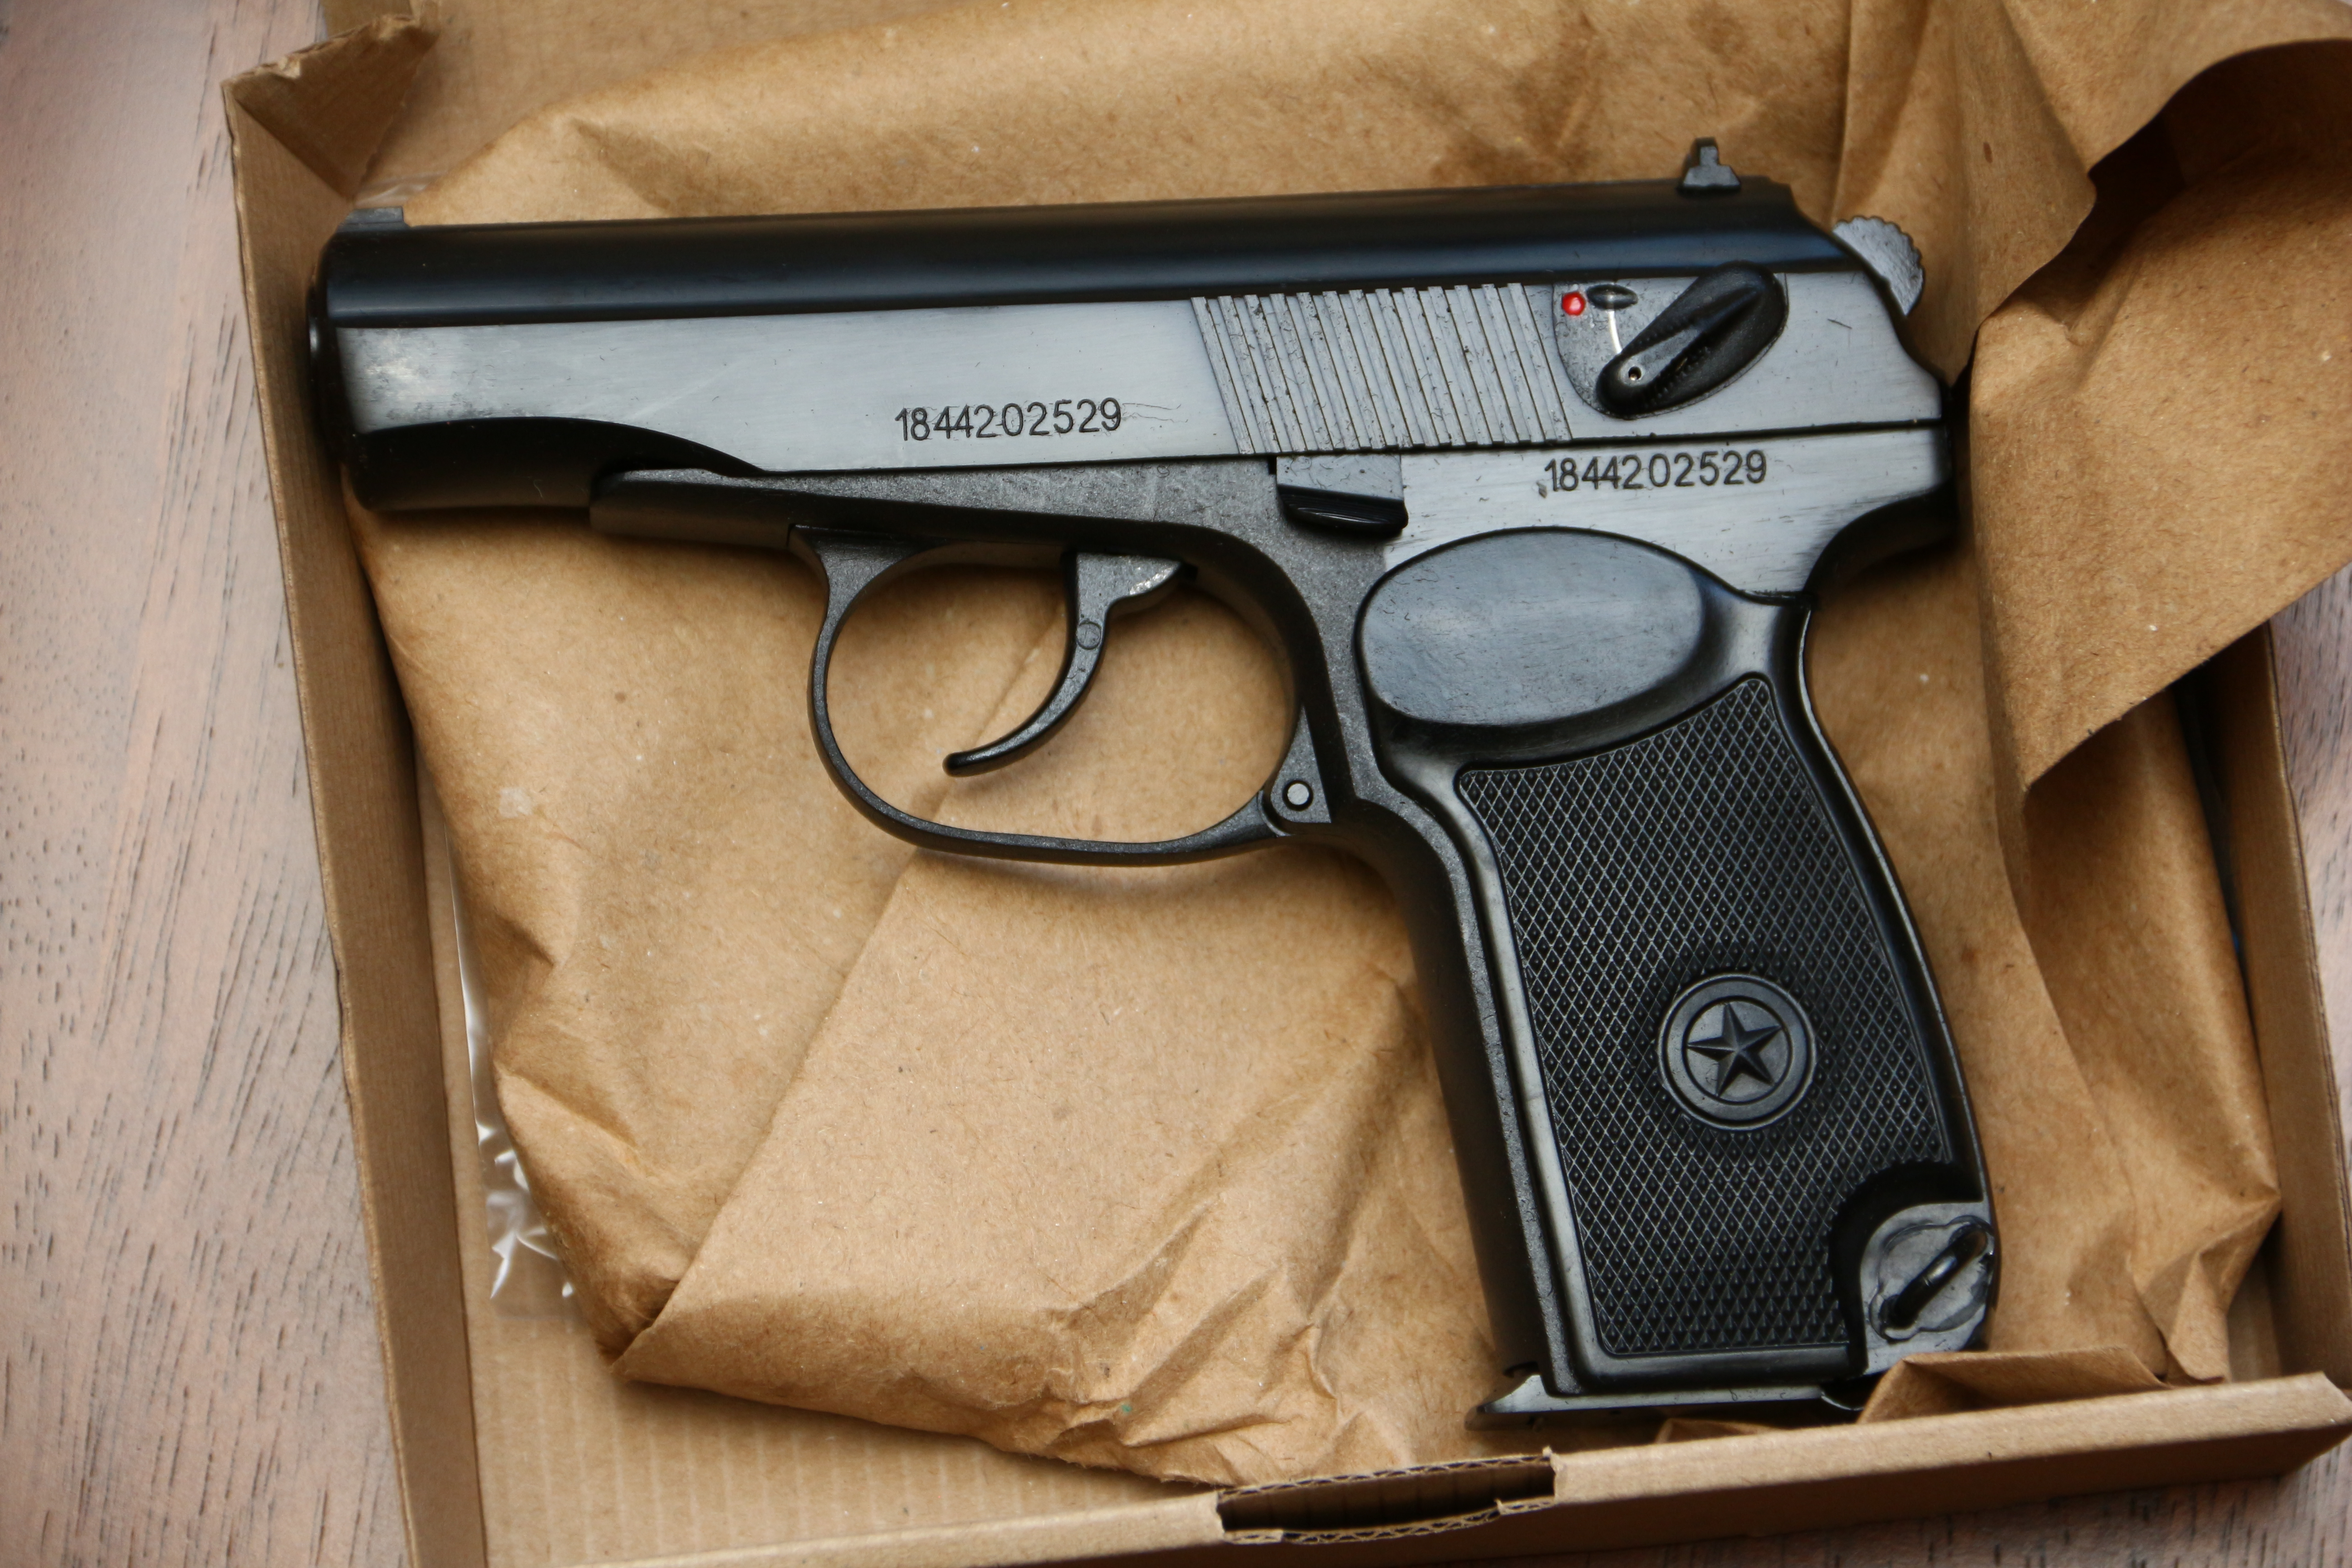 Охолощенный пистолет Макарова Р-411 №1844202529